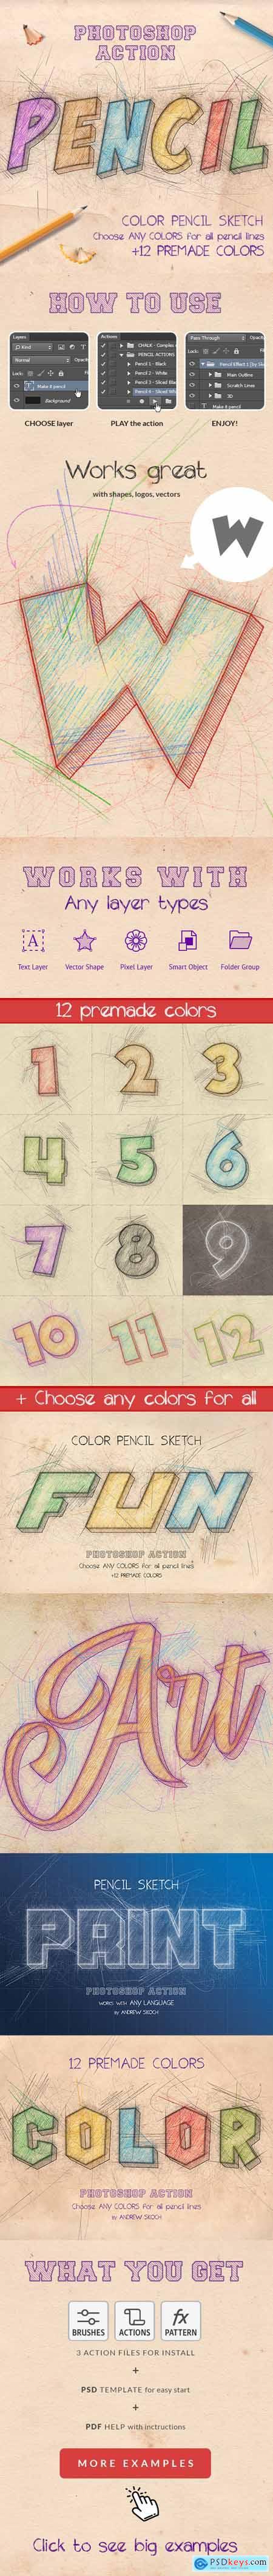 Color Pencil Sketch - Photoshop Actions 27194012